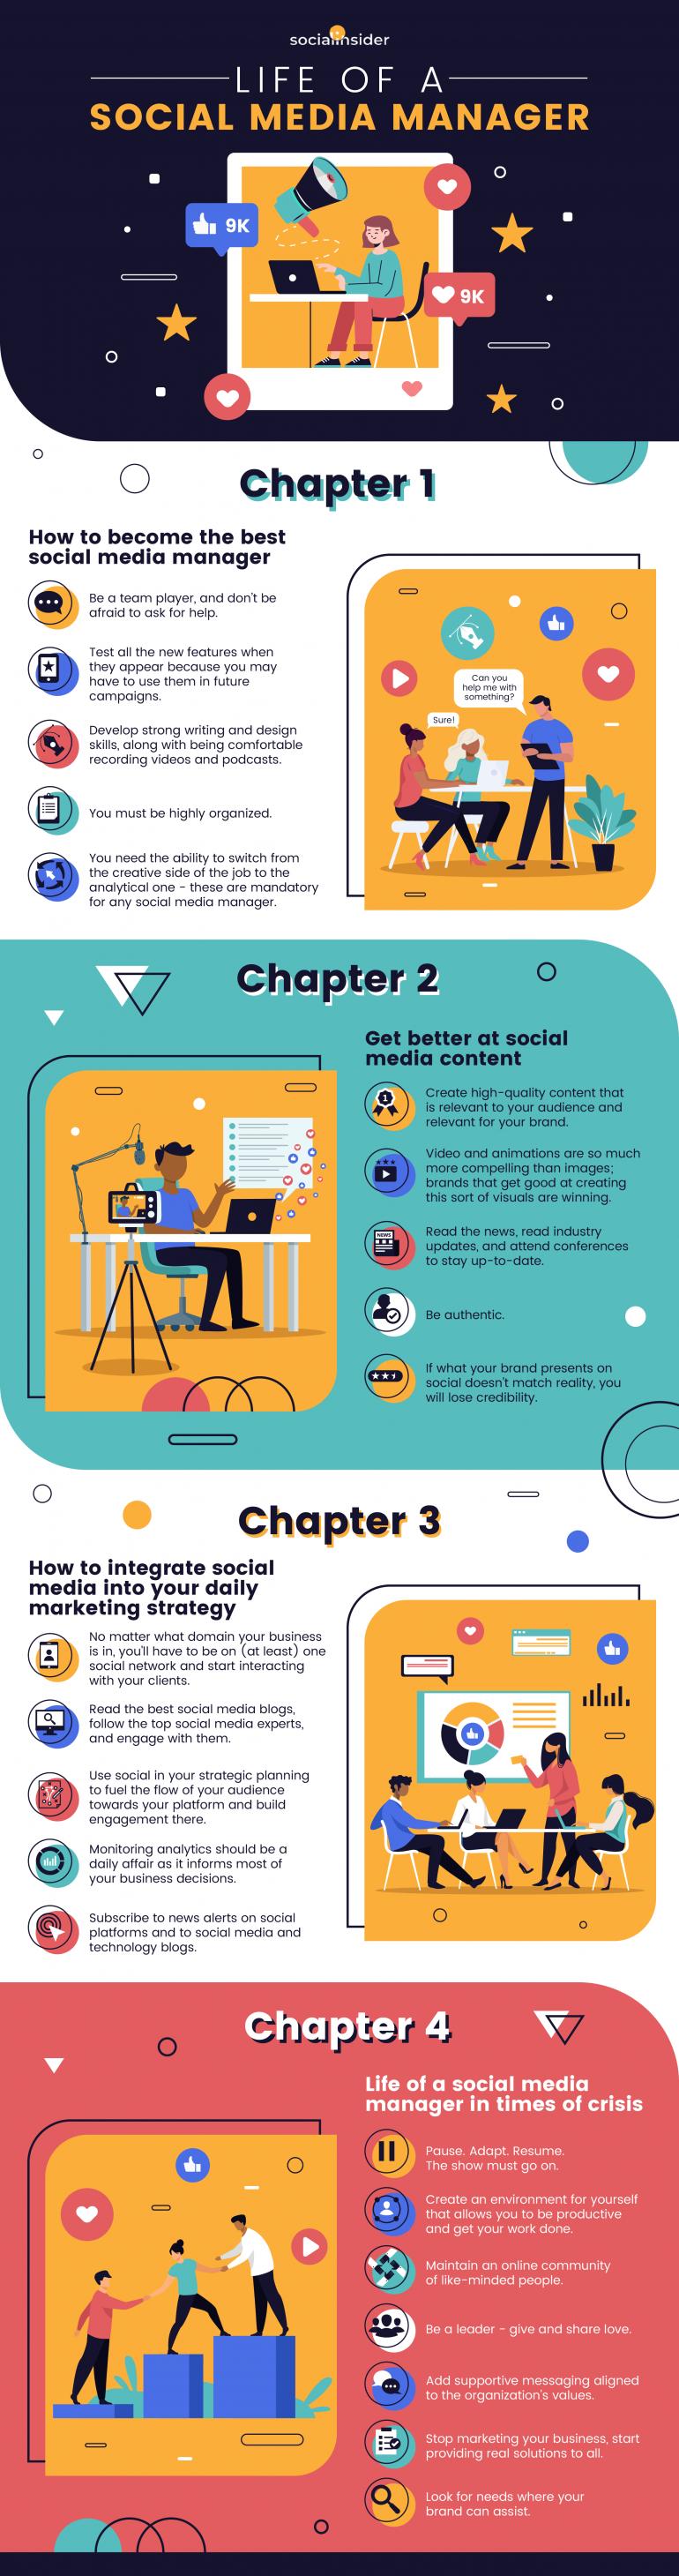 Life of a social media manager infographic van Socialinsider.